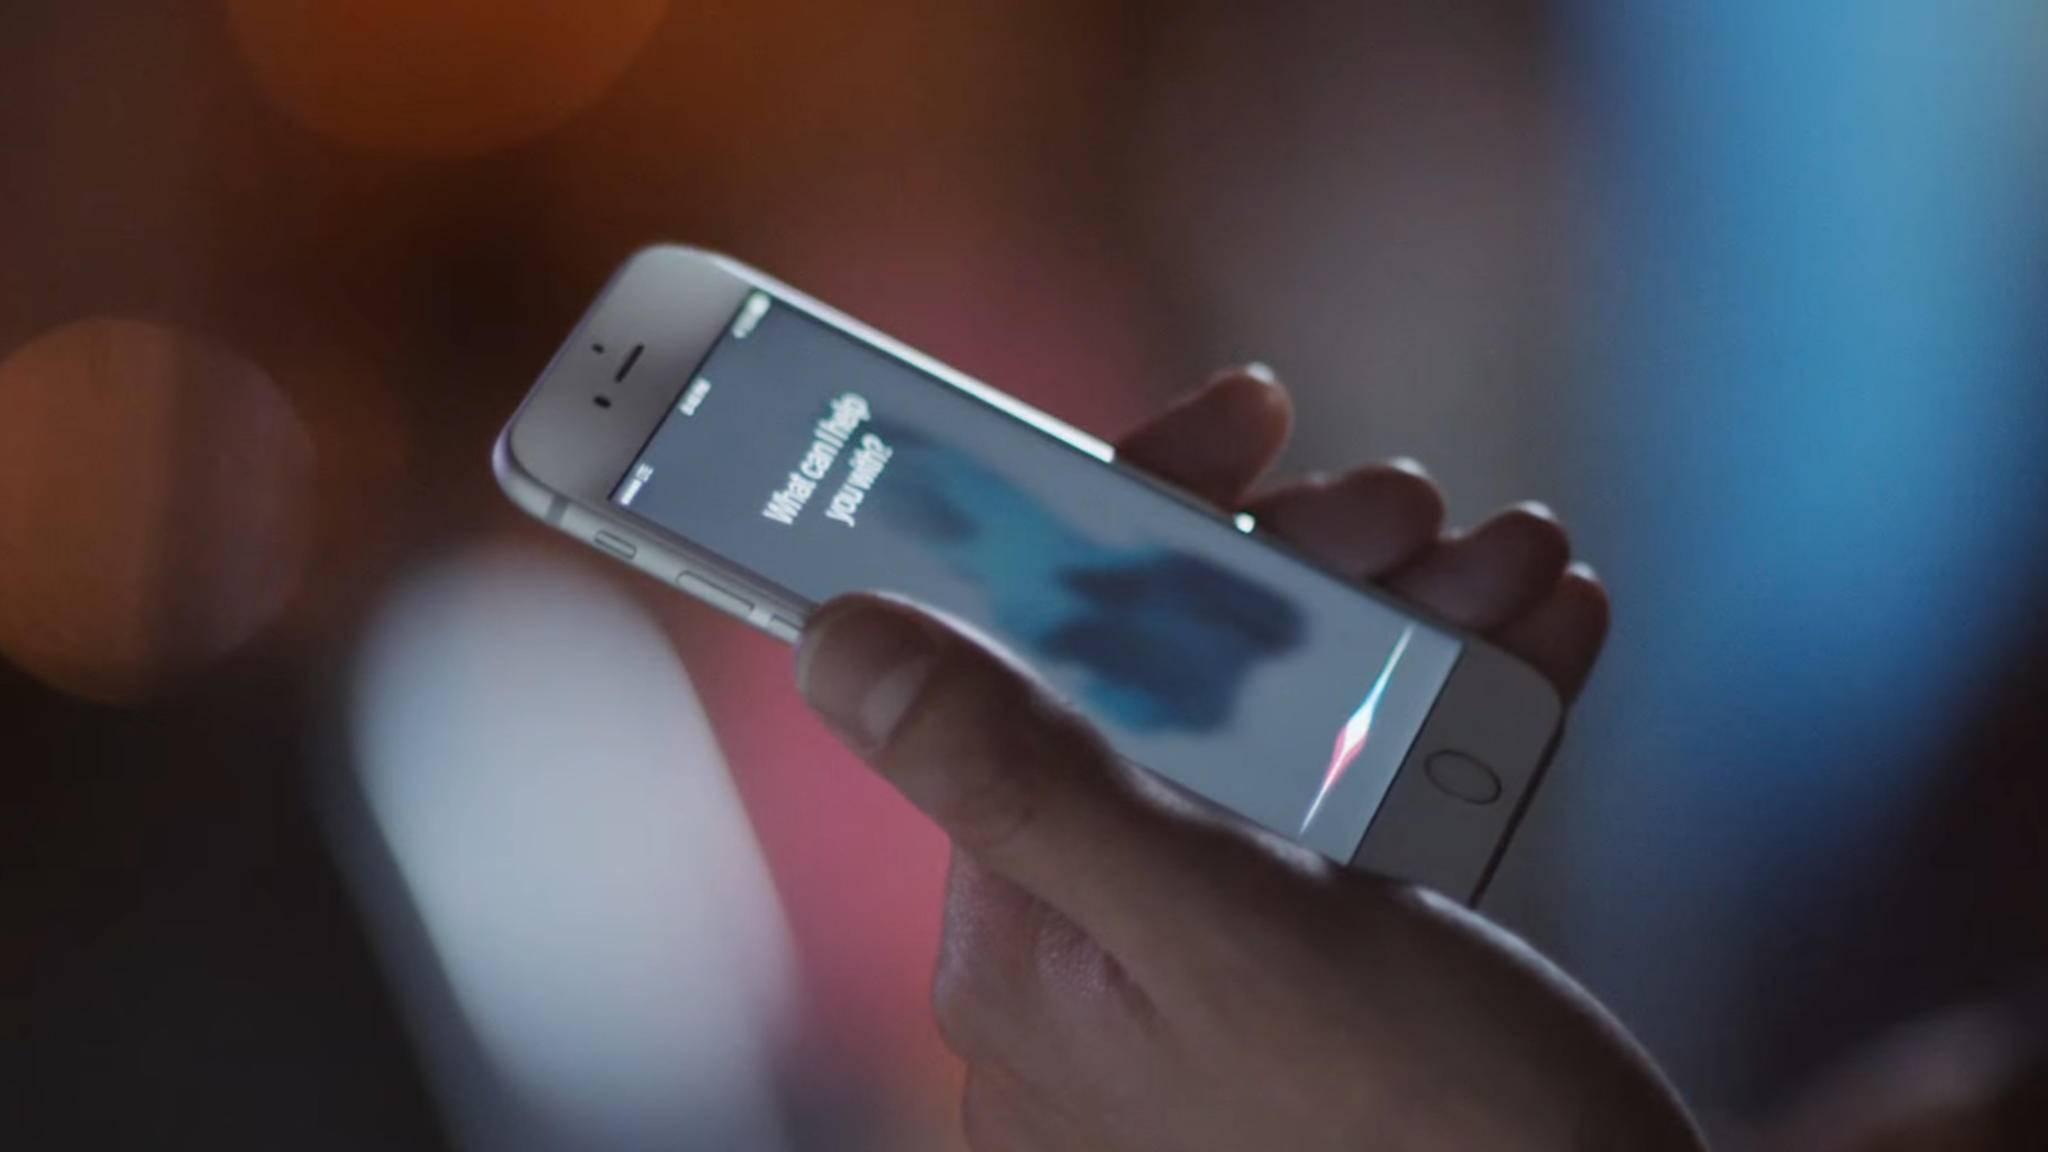 Bei einem bestimmten Sprachbefehl wählt Siri den Notruf automatisch.